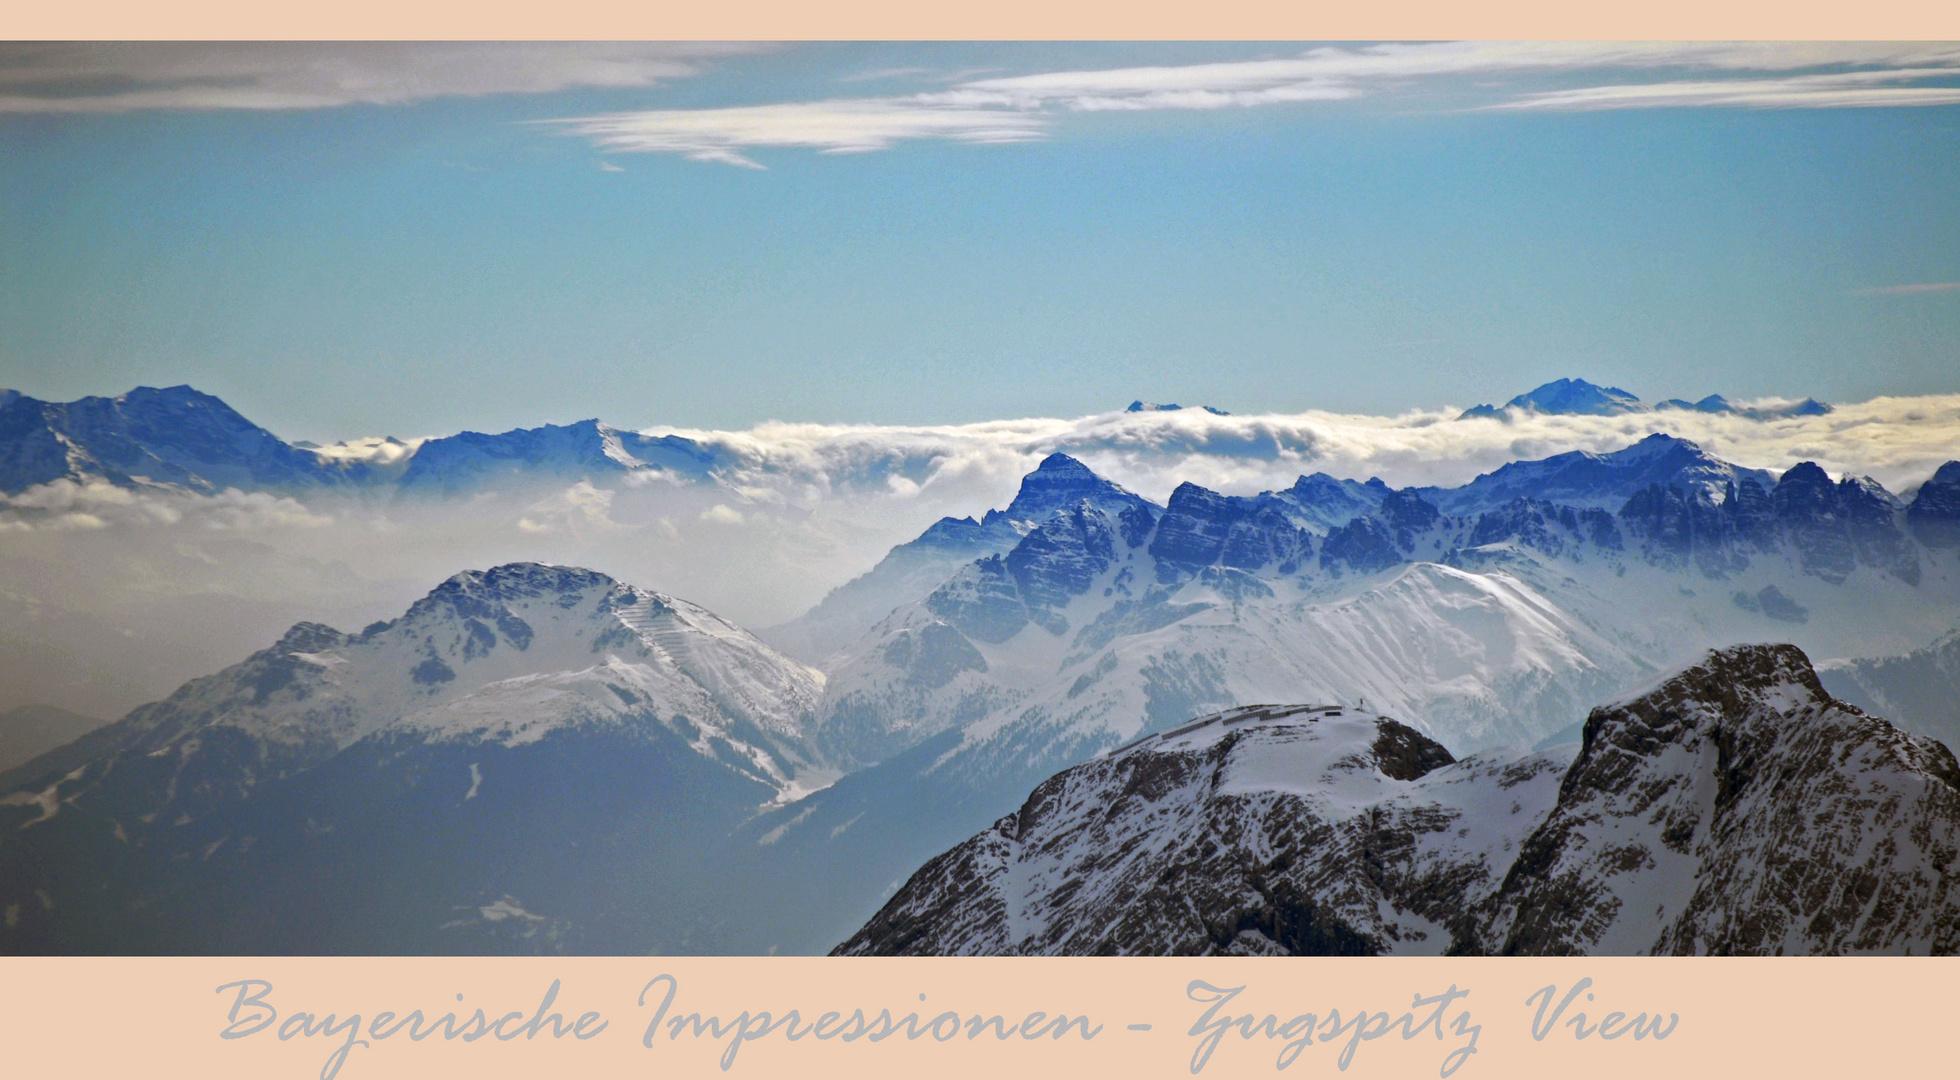 Bayerische Impressionen - Zugspitz view